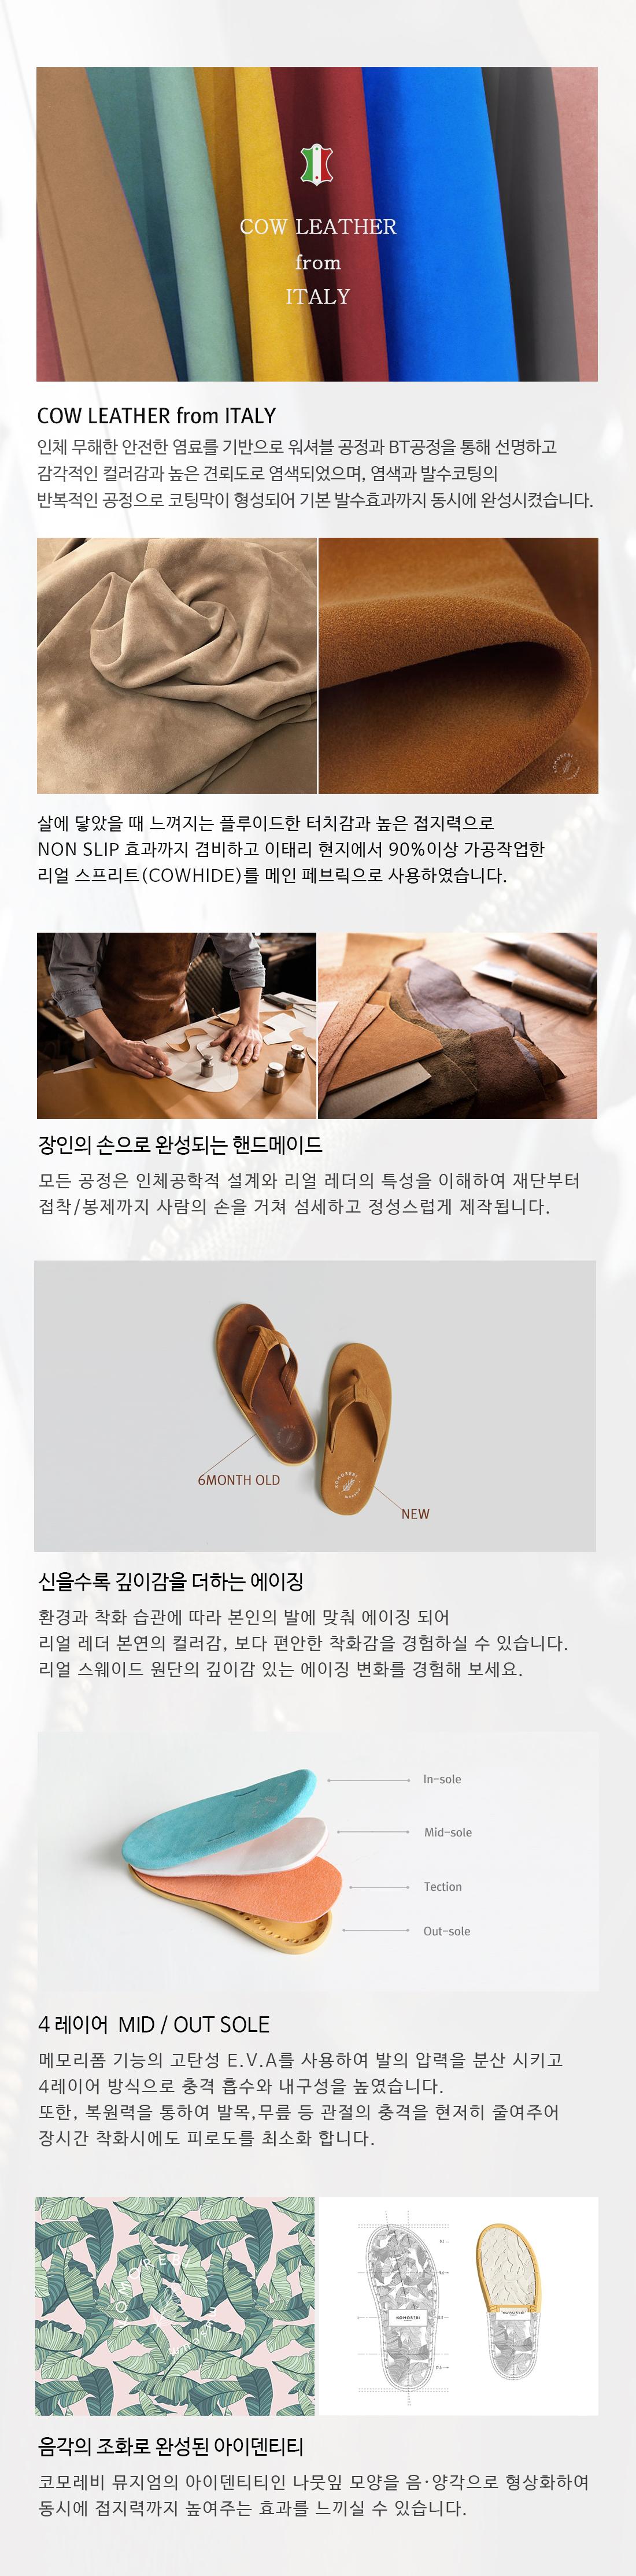 slipper_2.jpg